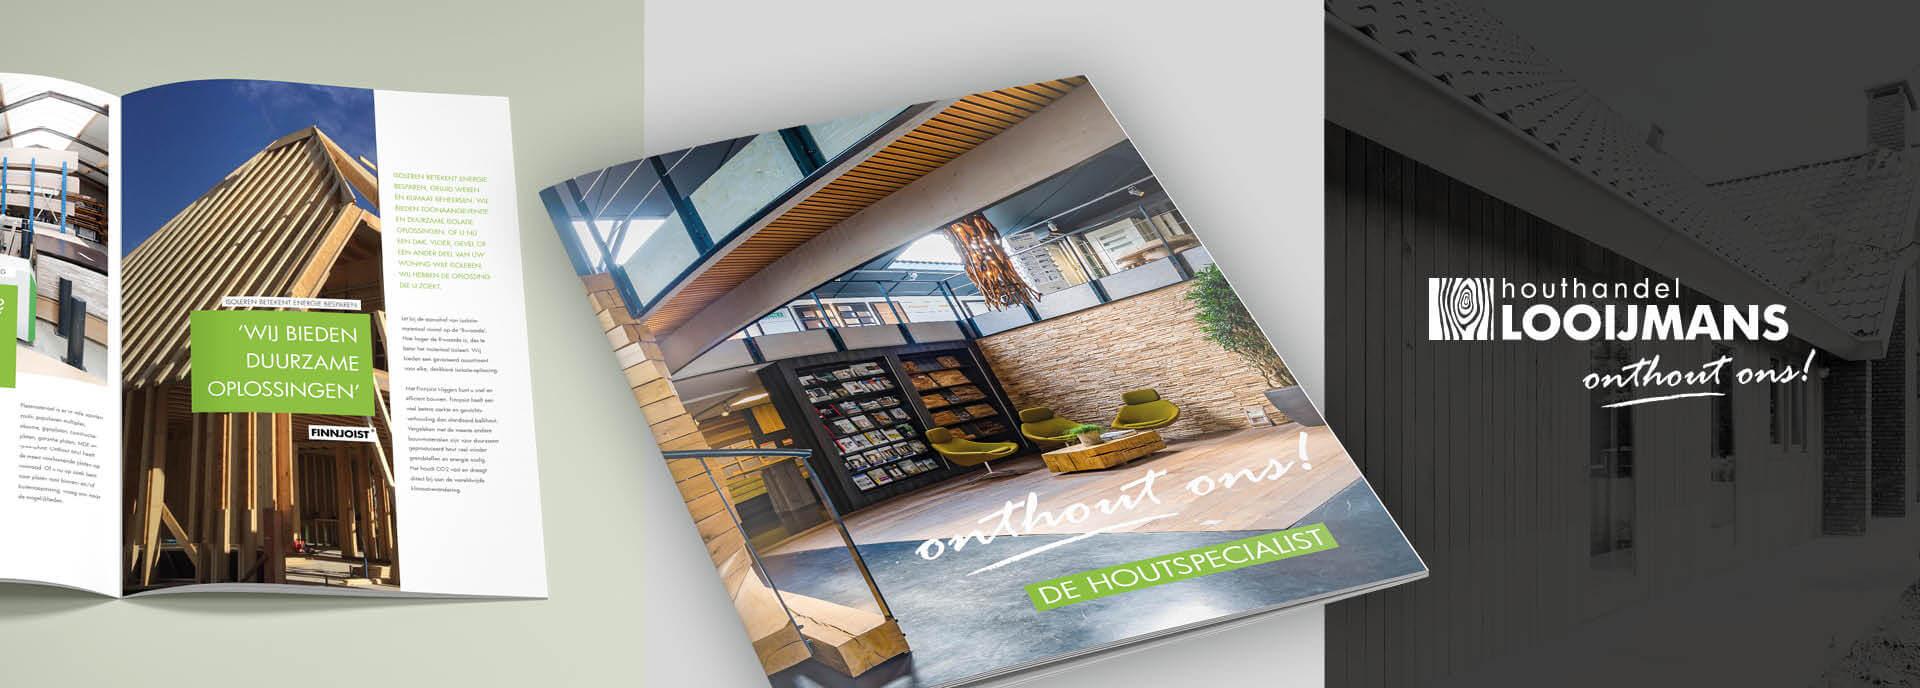 Banner_onthoutons_brochure_ontwerp_huisstijl_1